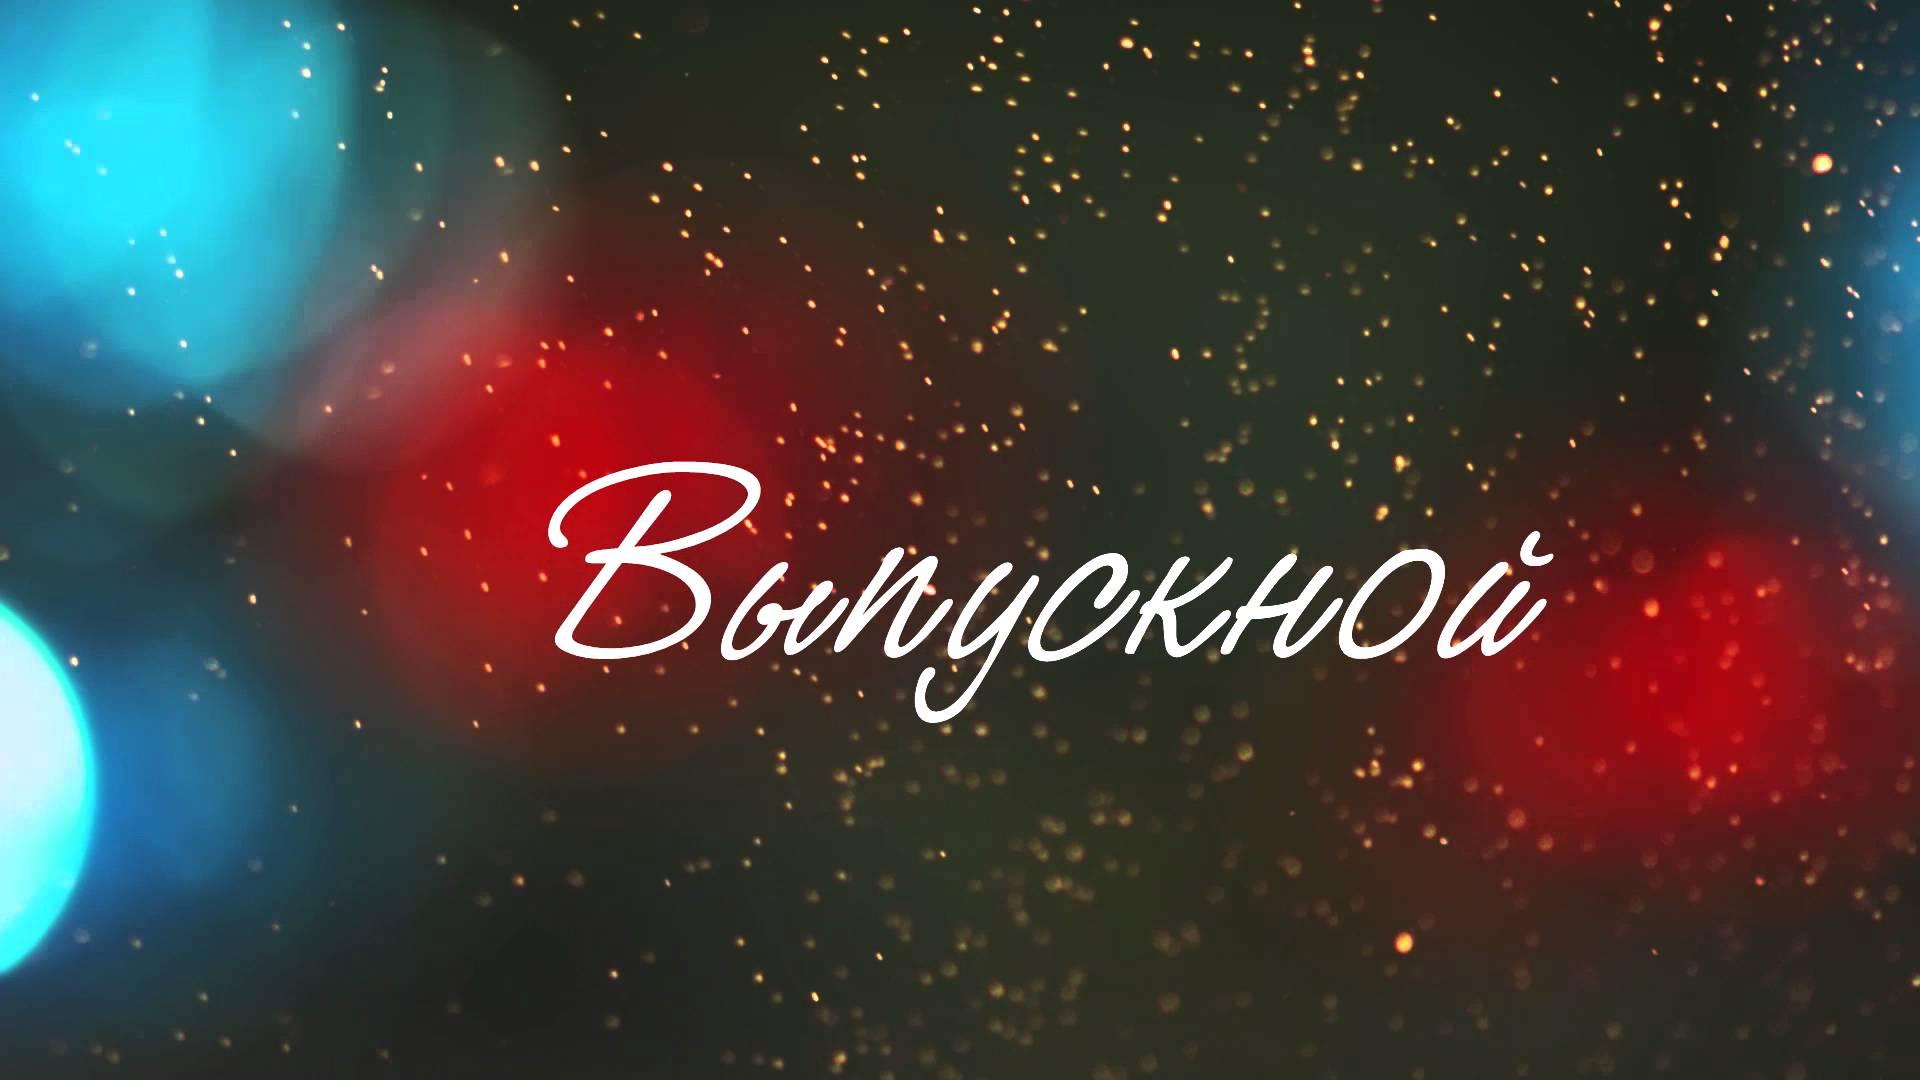 Выпуск 2017 открытки